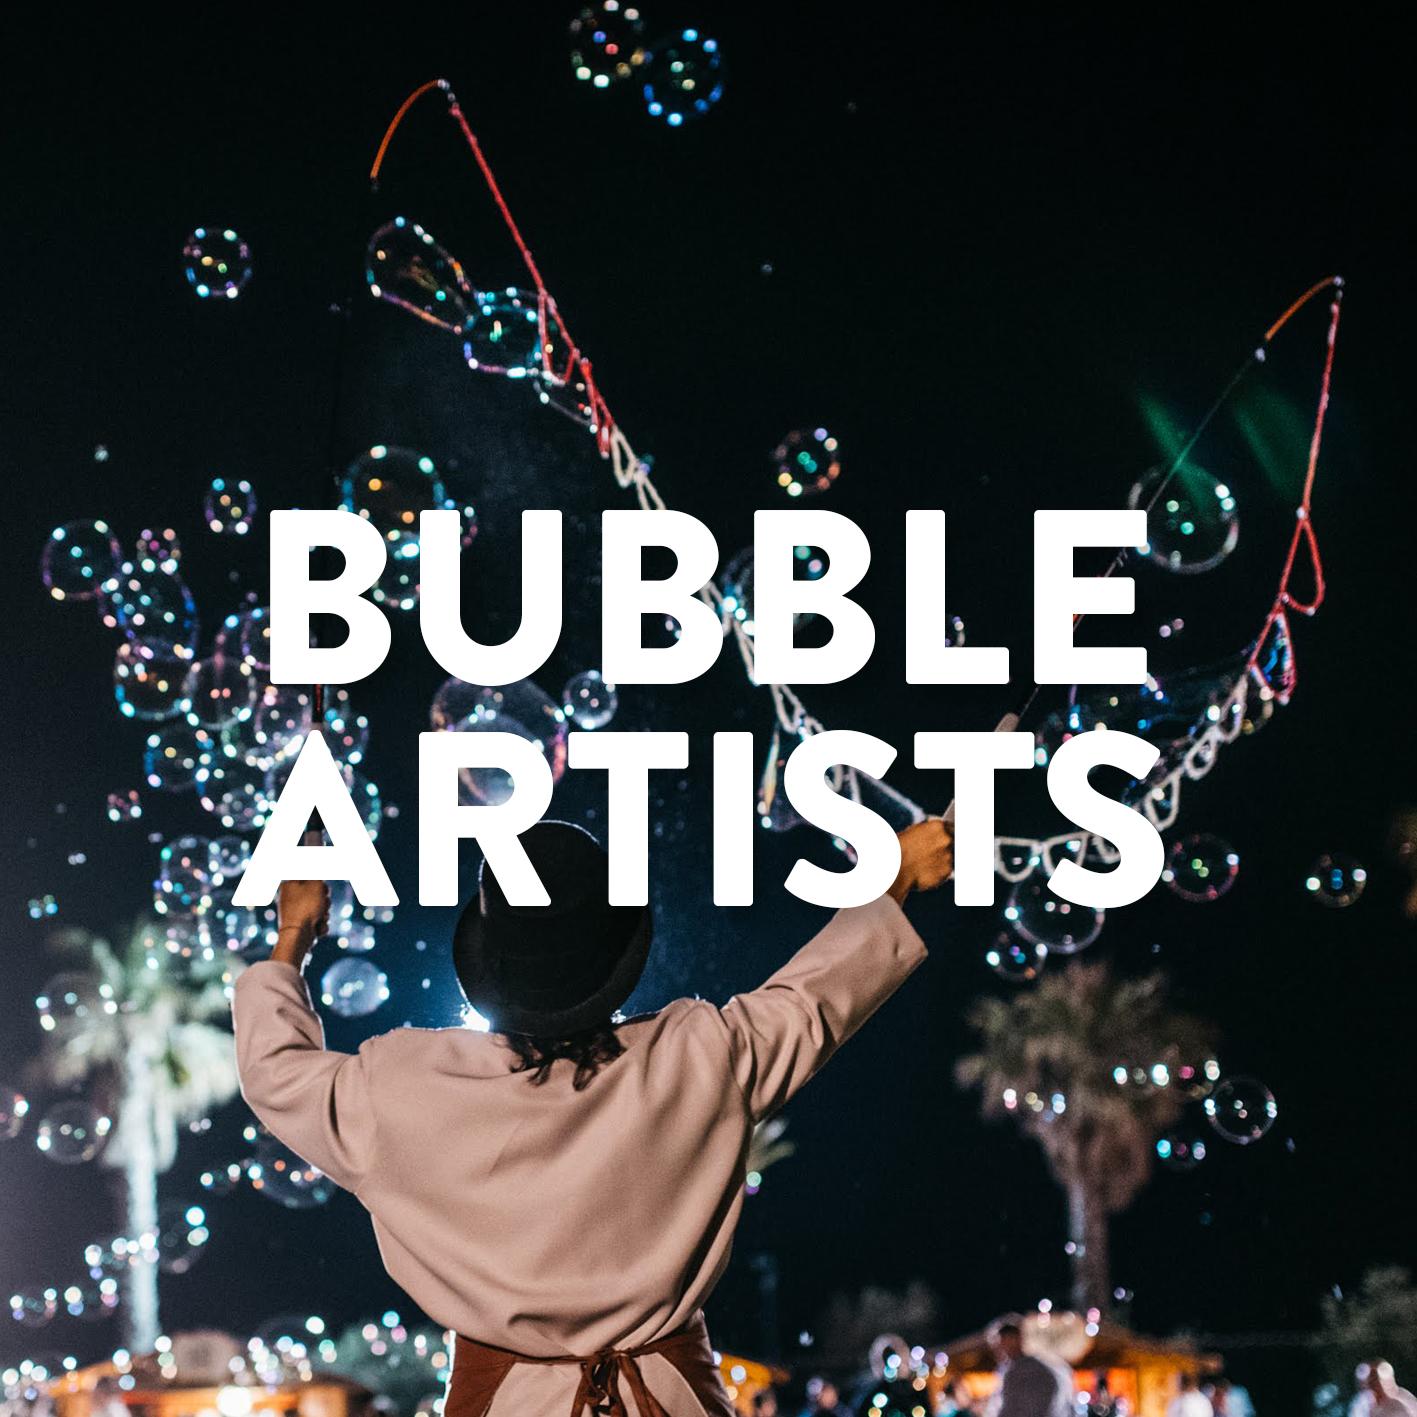 BUBBLE ARTIST.jpg